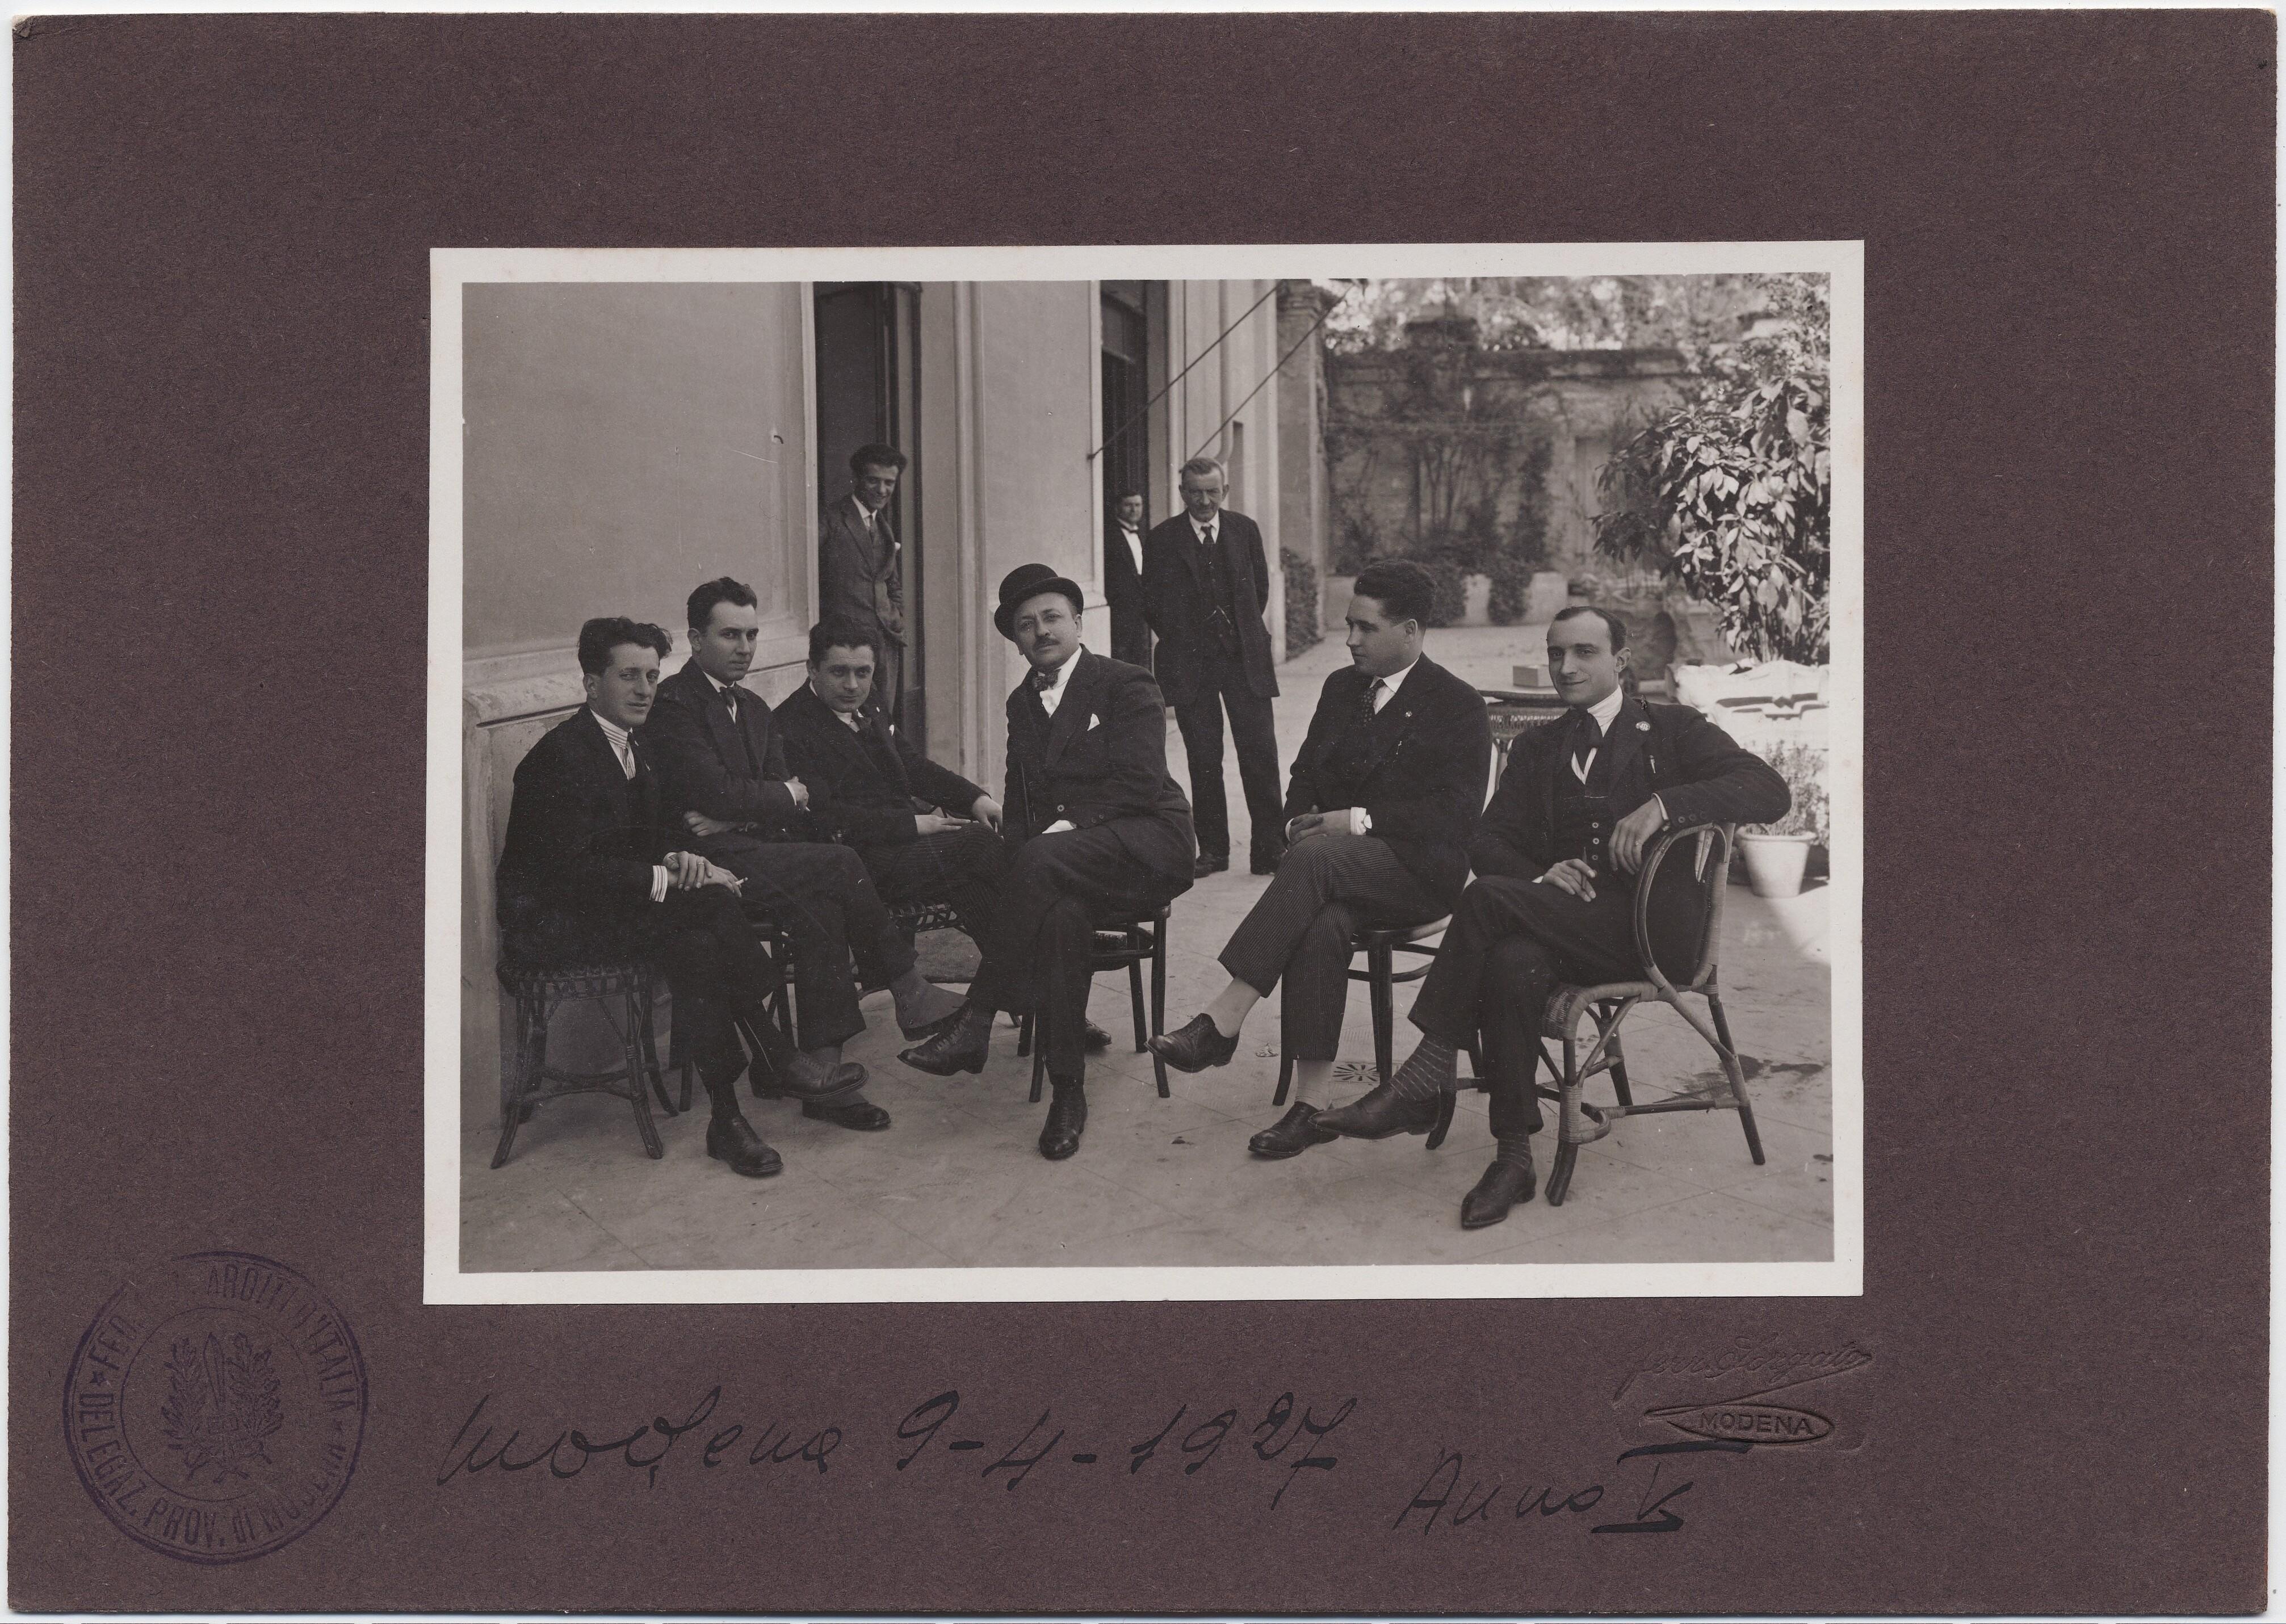 1927. Модена. Филиппо Томмазо Маринетти вместе с группой молодых людей